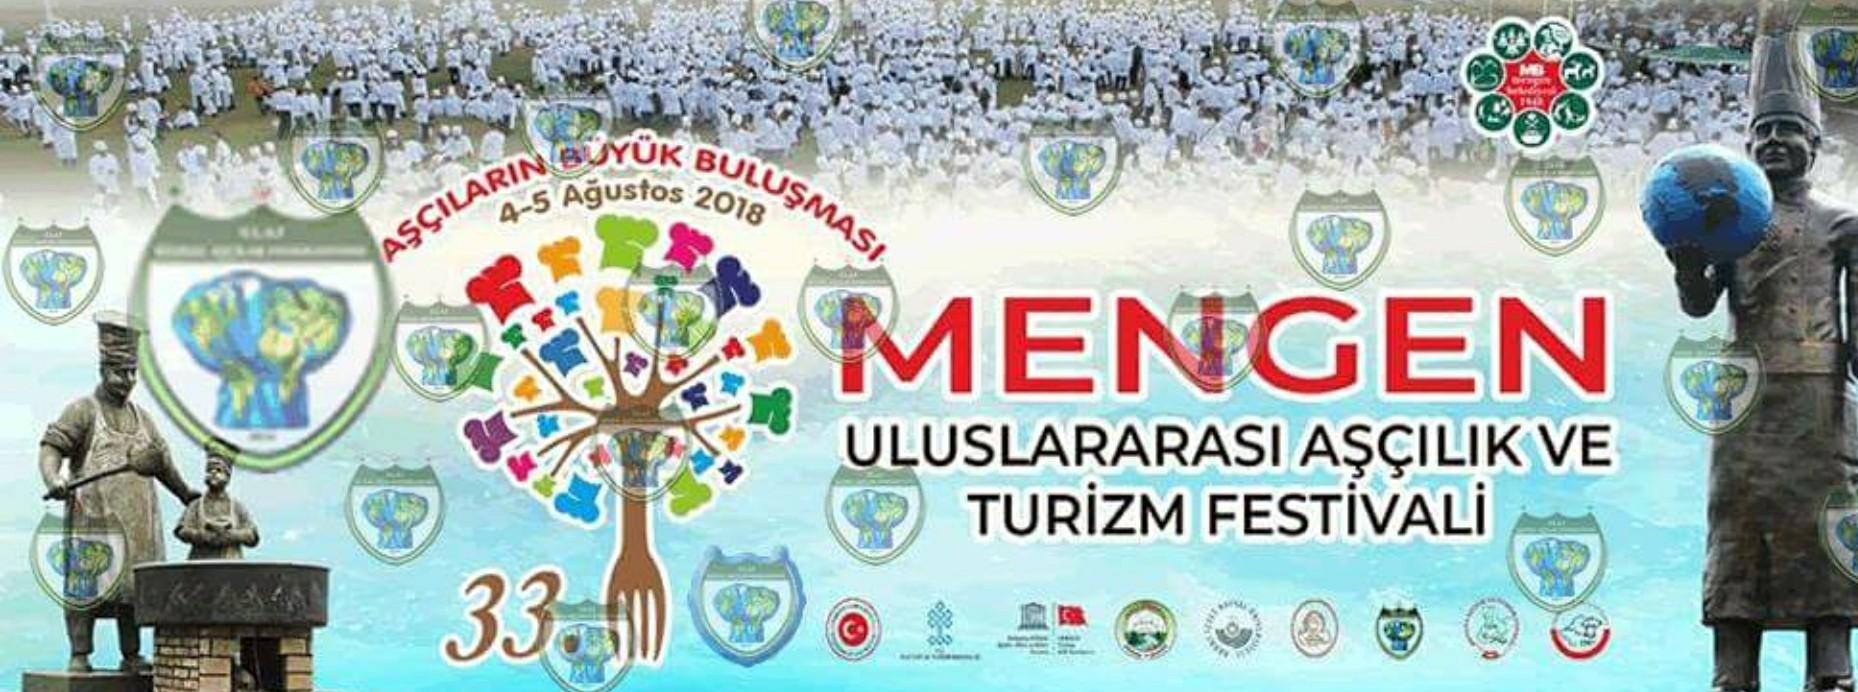 Mengen Aşçılık Festivali : 3-5 Ağustos 2018